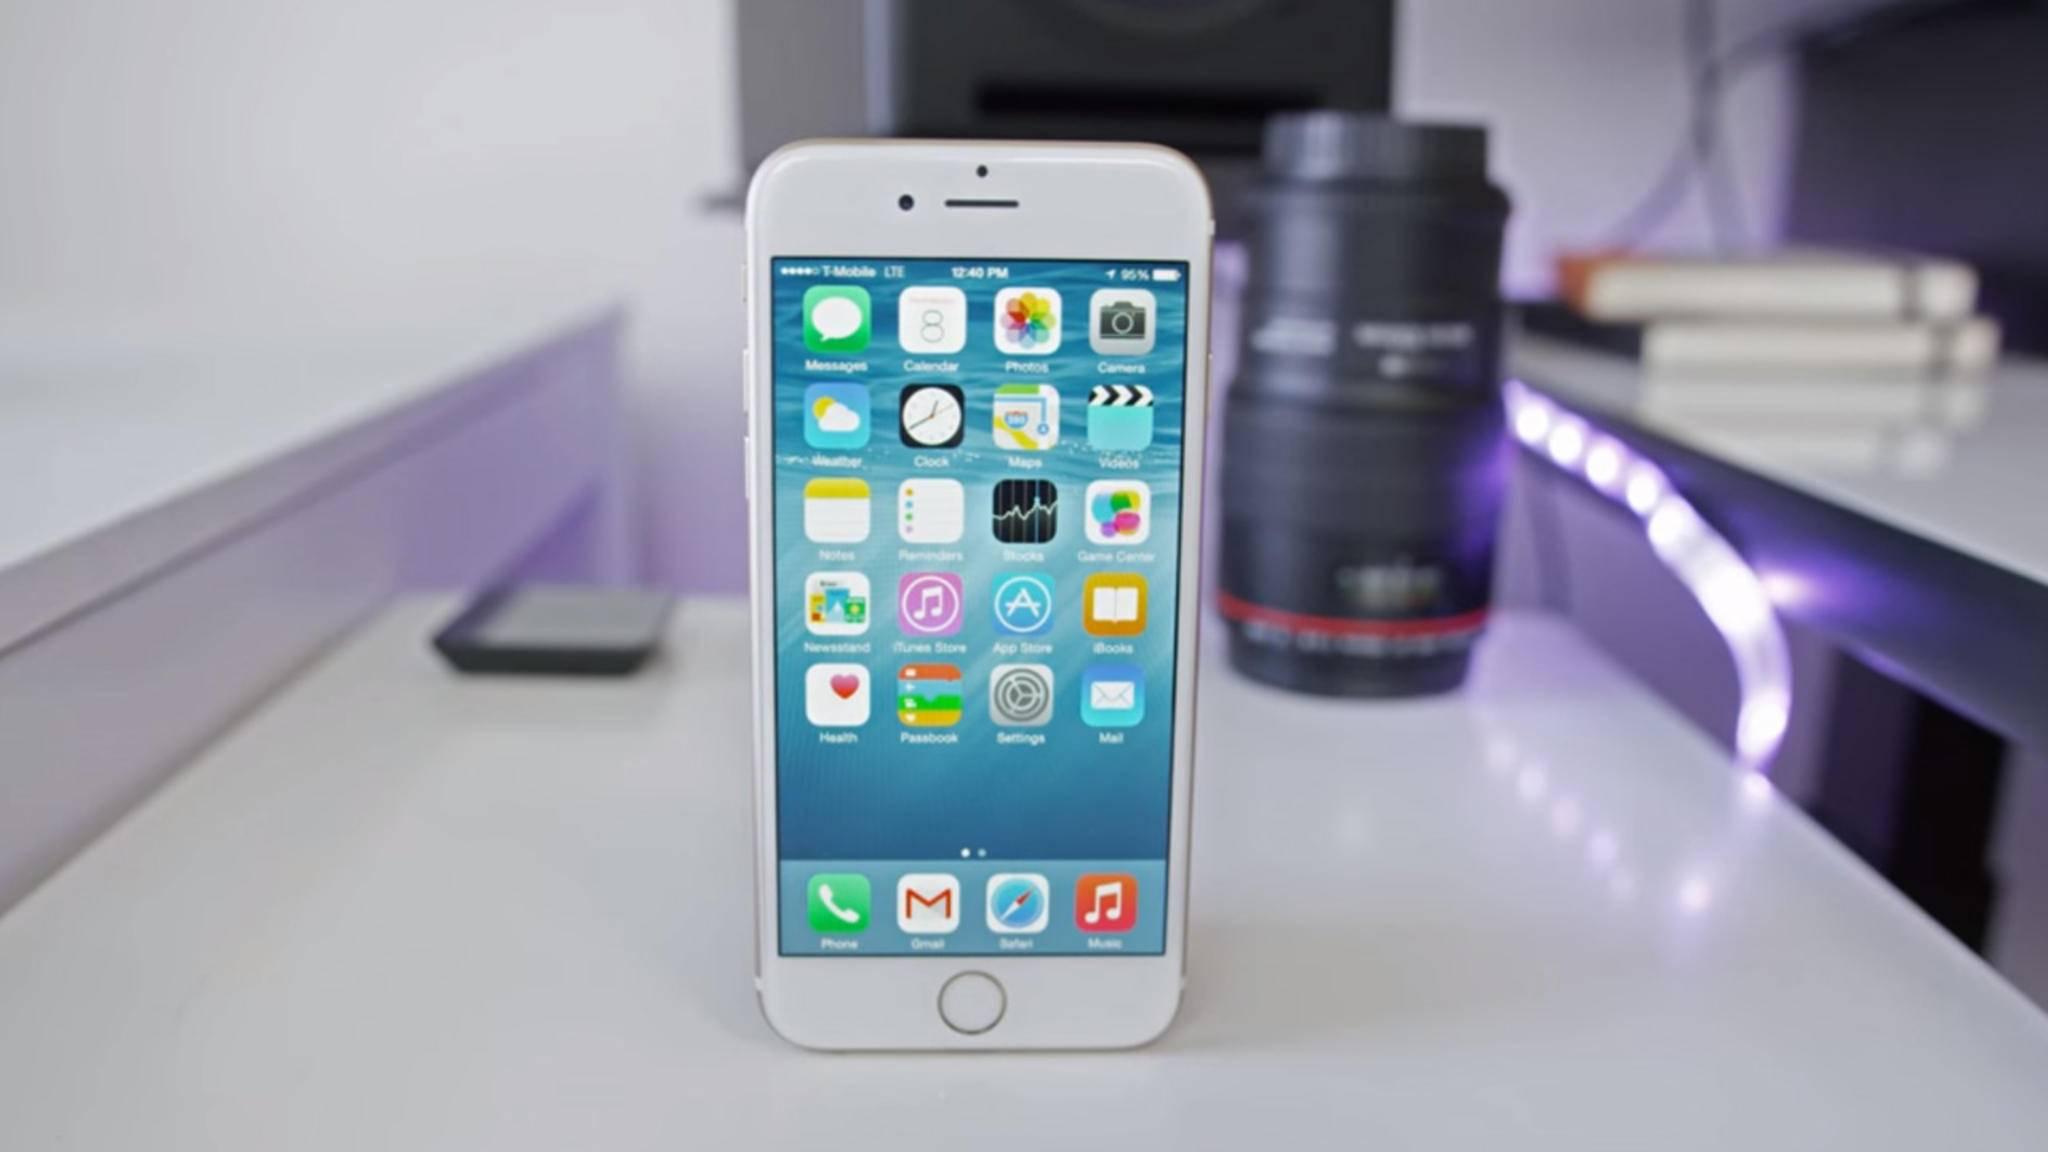 Das iPhone 6 macht Apple-Nutzern die meisten Probleme.